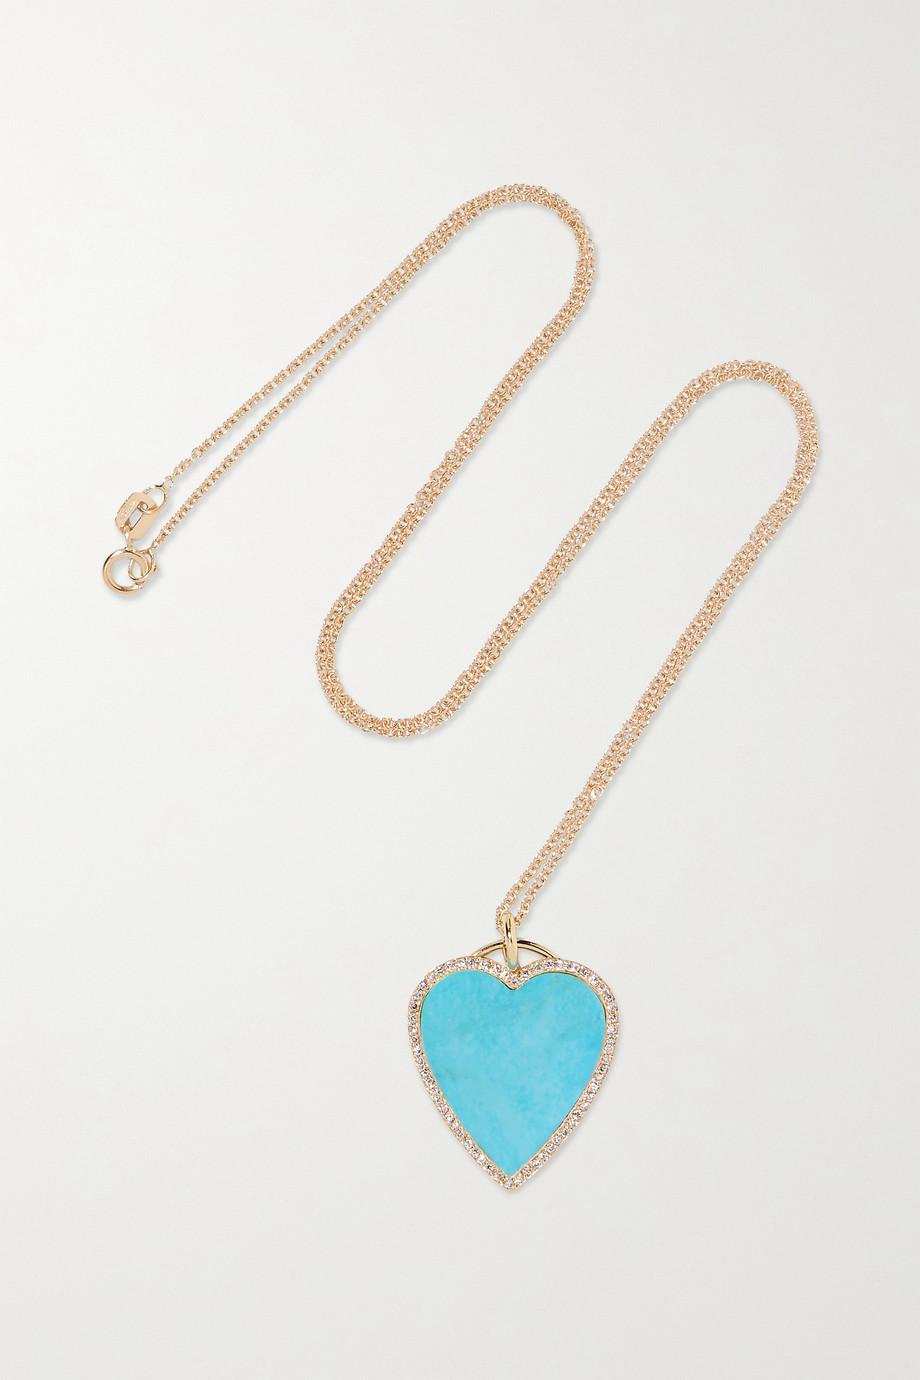 Jennifer Meyer Collier en or 18carats, turquoise et diamants